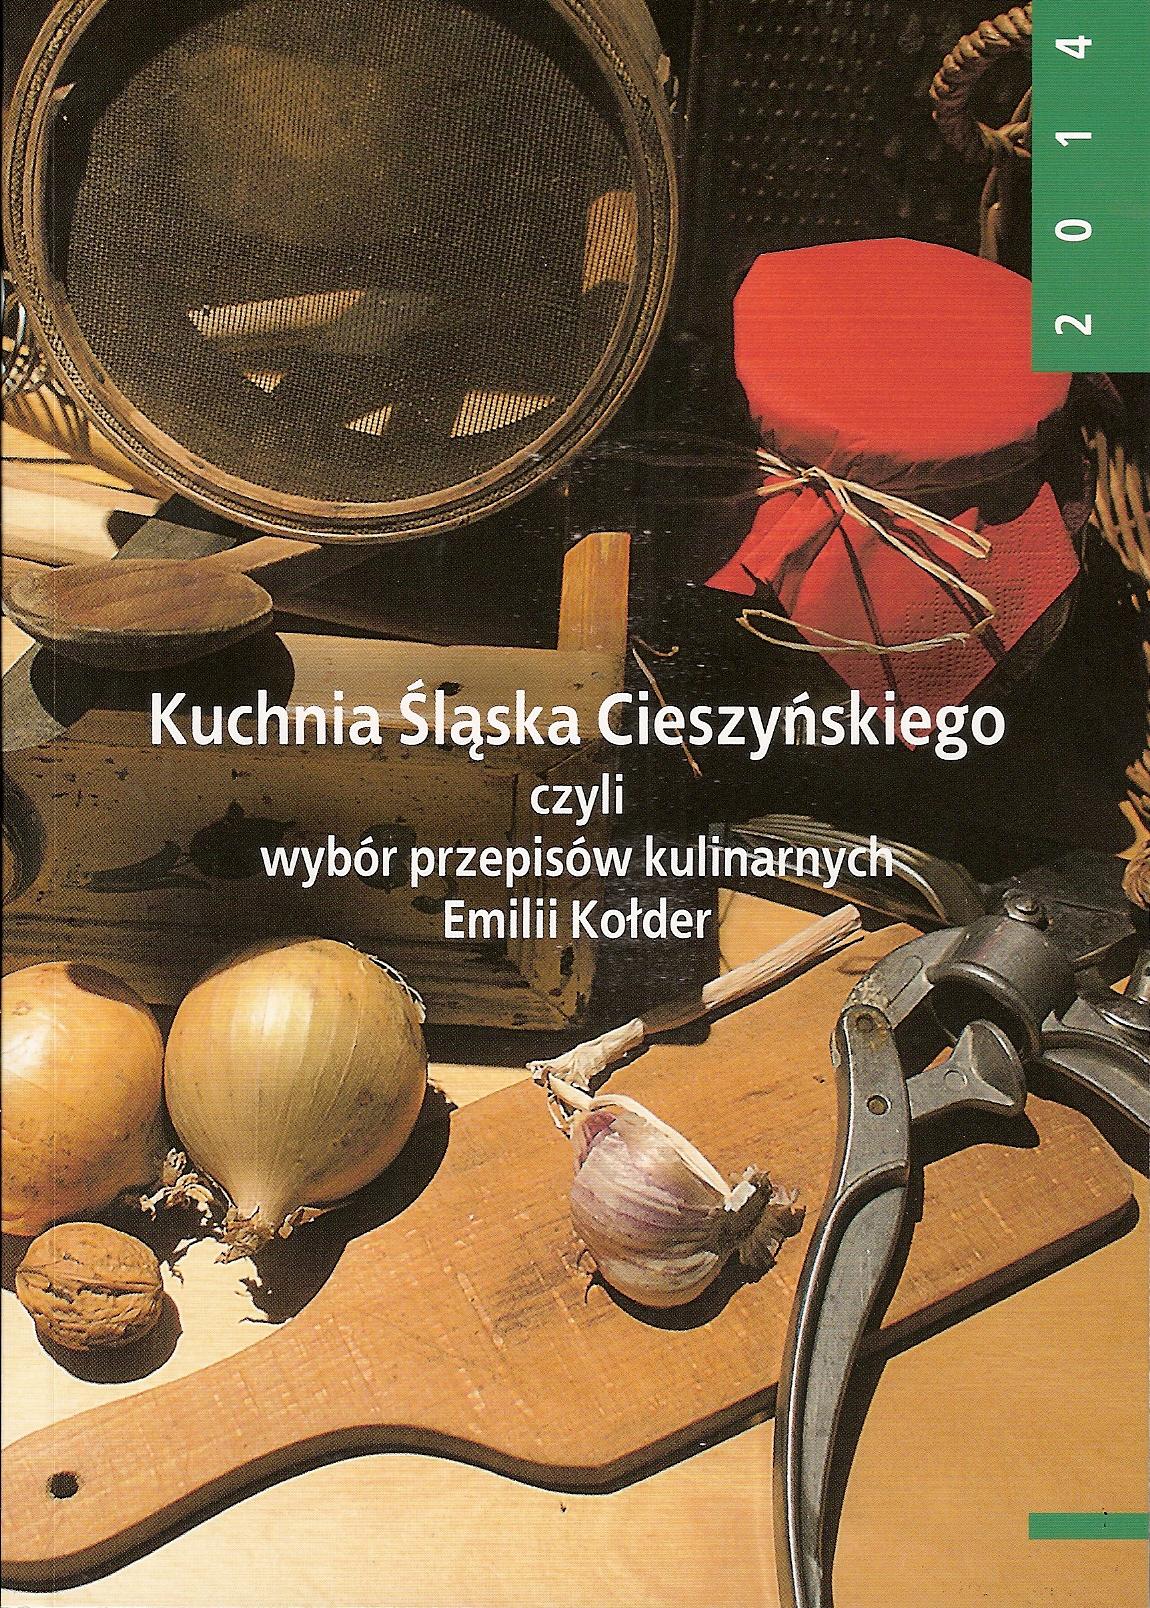 Kuchnia Śląska Cieszyńskiego